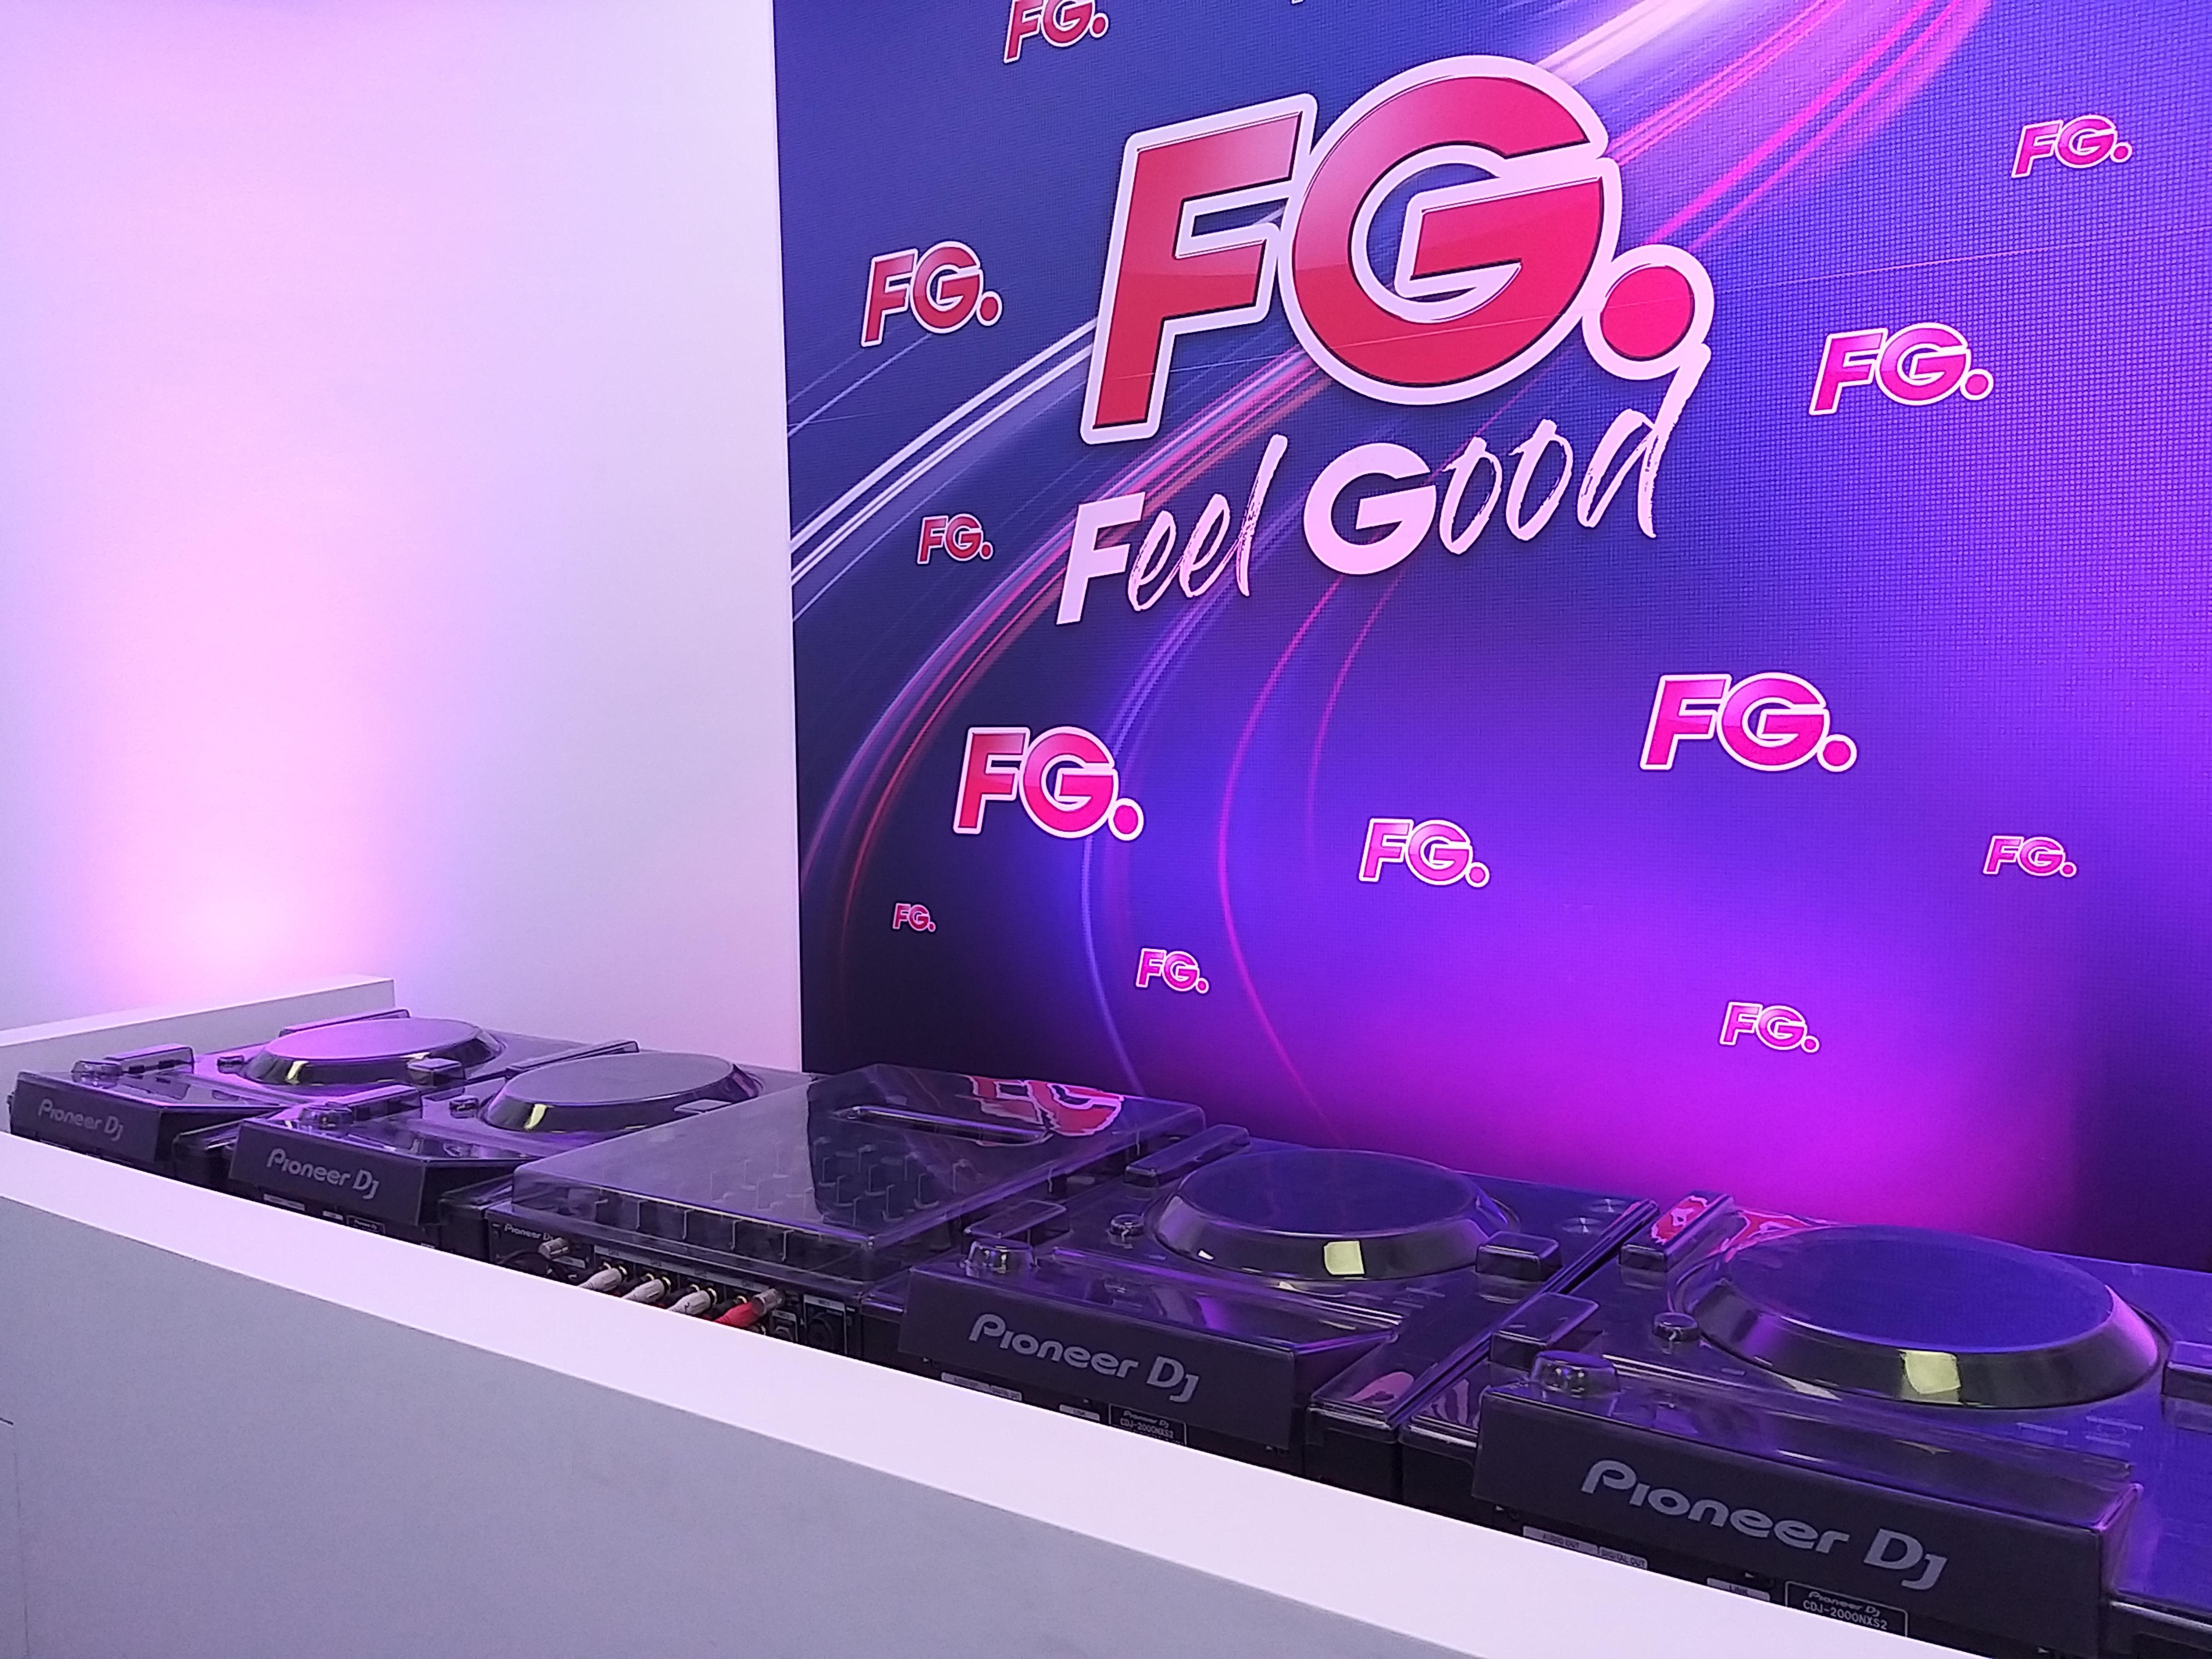 Panneau avec le logo FG, devant les platines Pioneer CDJ-2000NXS2 et mixage DJM-900NXS2, dans le studio 1 de Radio FG. Photo Sylvain Ferey, Radio FG